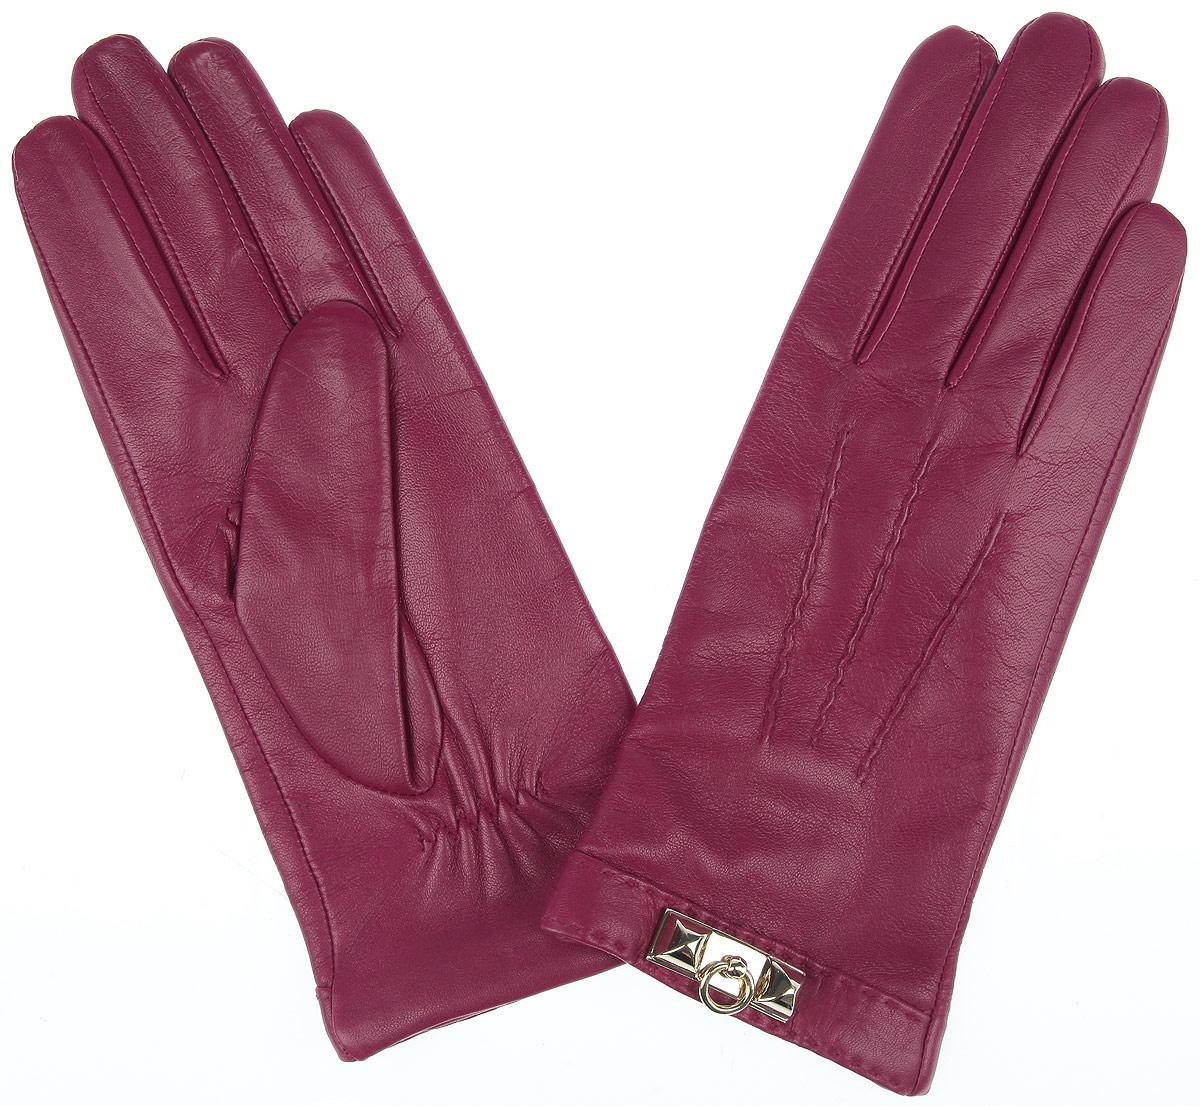 Перчатки2.64-23 fuchsiaСтильные женские перчатки Fabretti классического кроя с подкладкой из шерсти и кашемира выполнены из мягкой и приятной на ощупь эфиопской перчаточной кожи. Лицевая сторона оформлена декоративными швами три луча и оригинальной металлической фурнитурой. Тыльная сторона дополнена аккуратной резинкой для лучшей фиксации модели на запястье. Перчатки станут завершающим и подчеркивающим элементом вашего стиля и неповторимости.